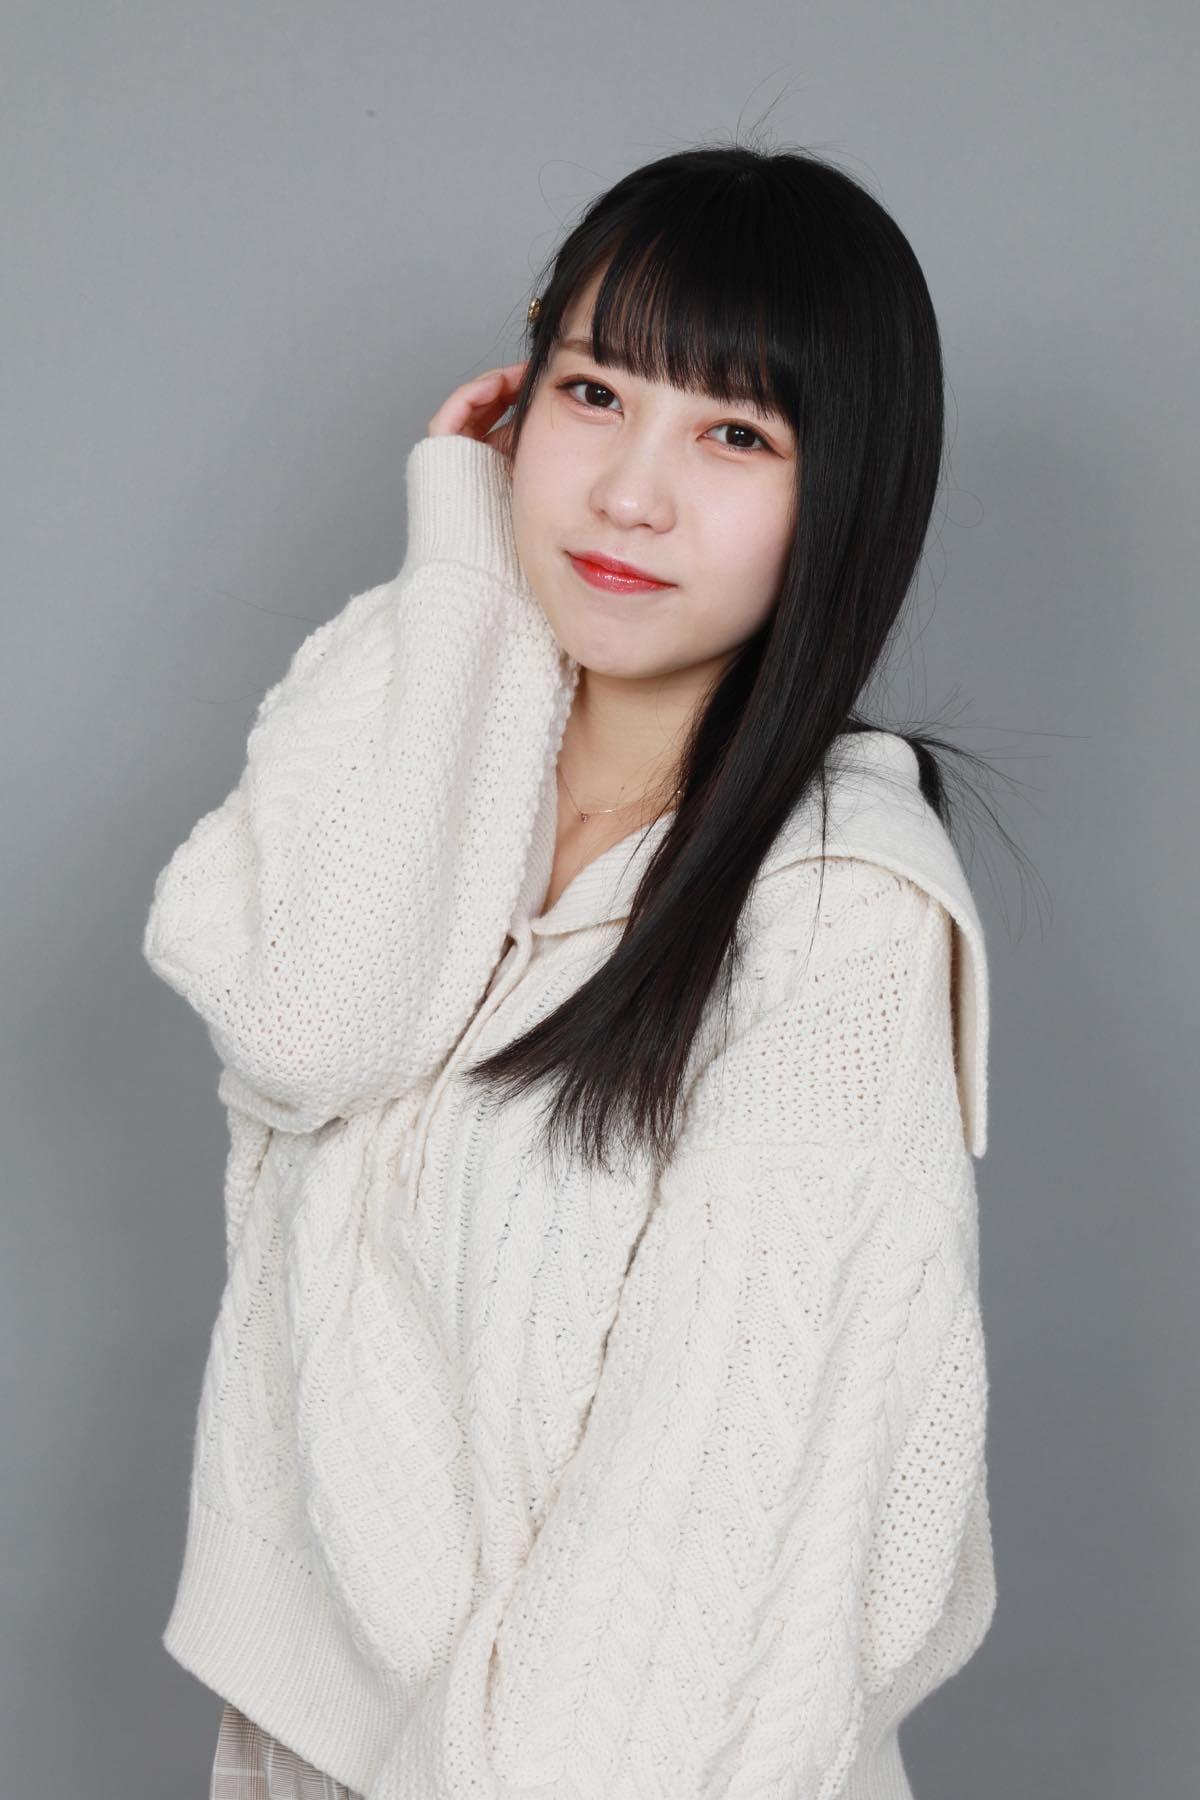 高木由莉愛の画像15